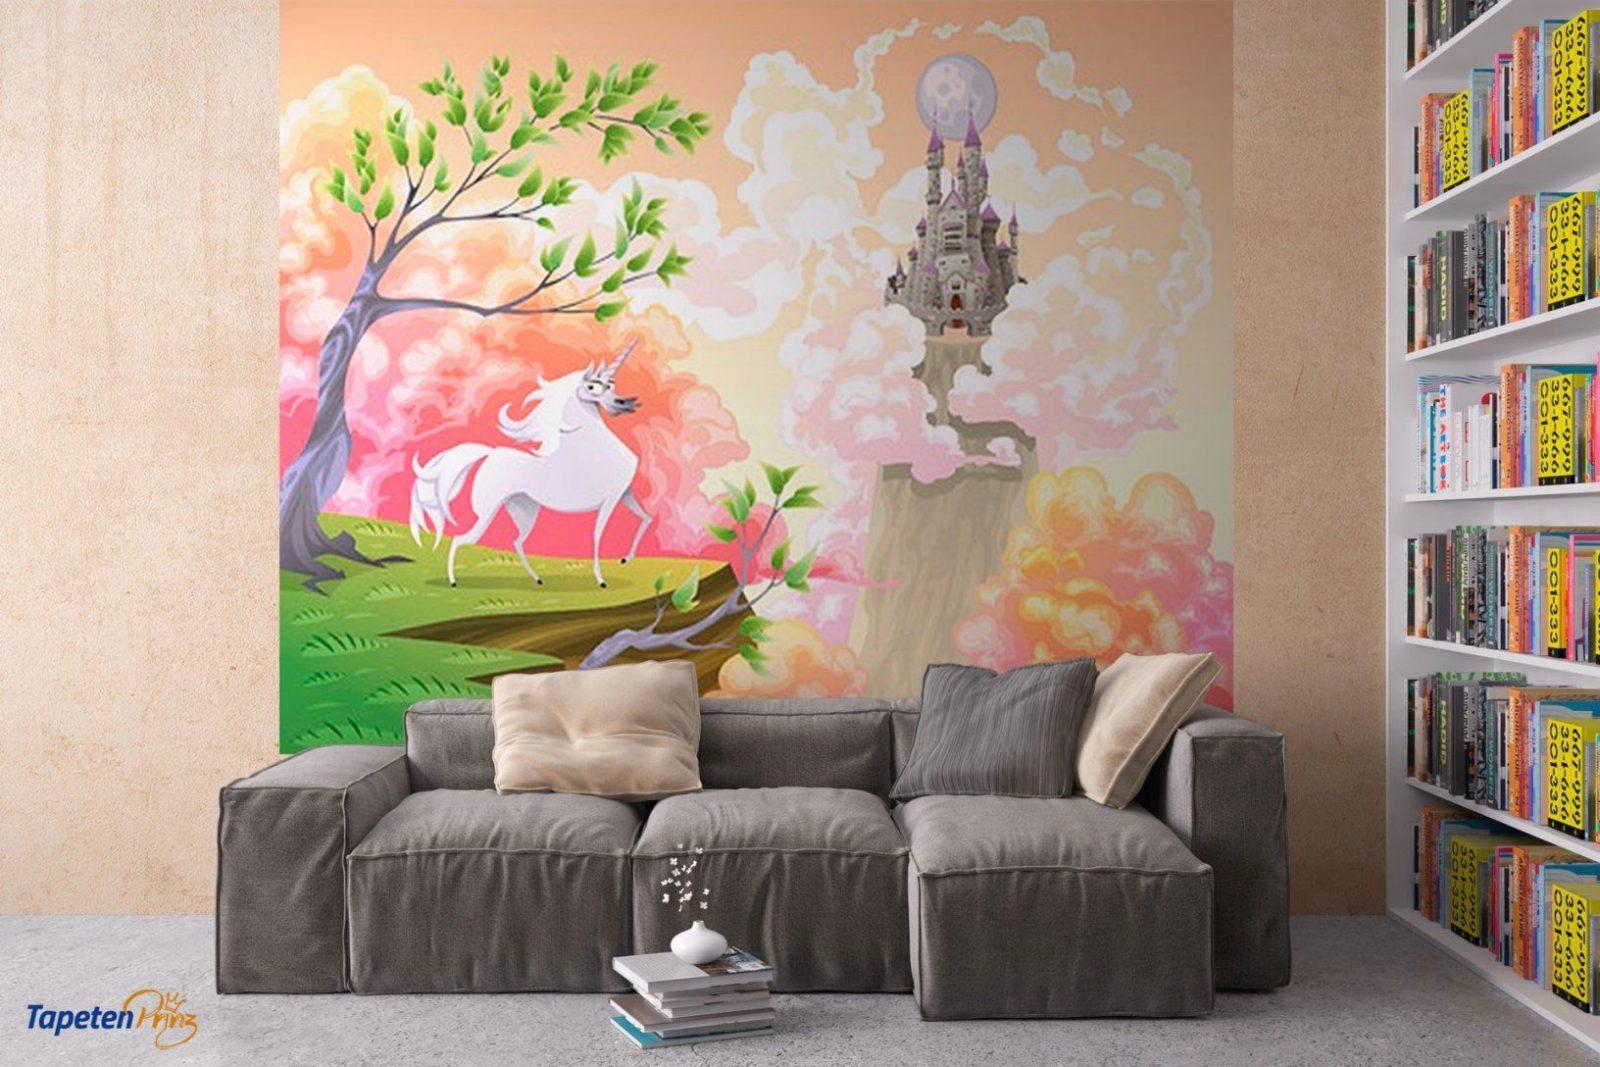 Inspiration Graffiti Tapete Selbst Gestalten Und Unglaubliche von Graffiti Tapete Selbst Gestalten Photo